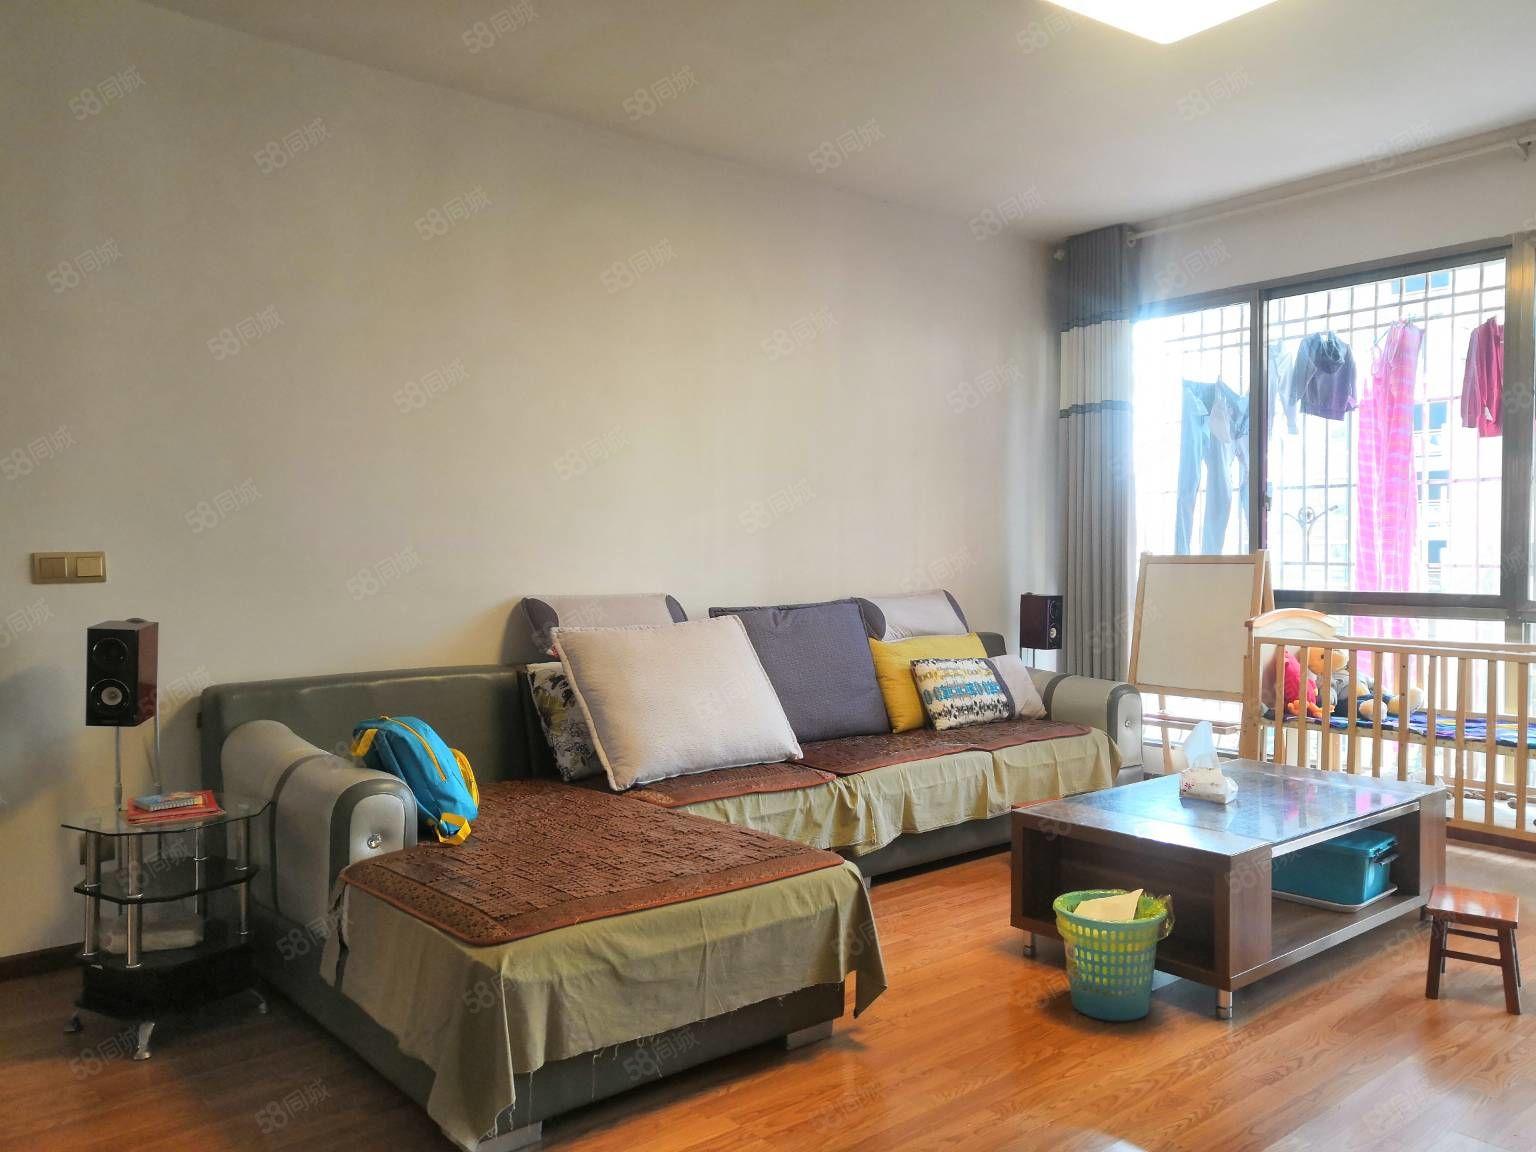 急售,东南片区,莲塘湾精装三房,装修一年多,超底价格,带家电